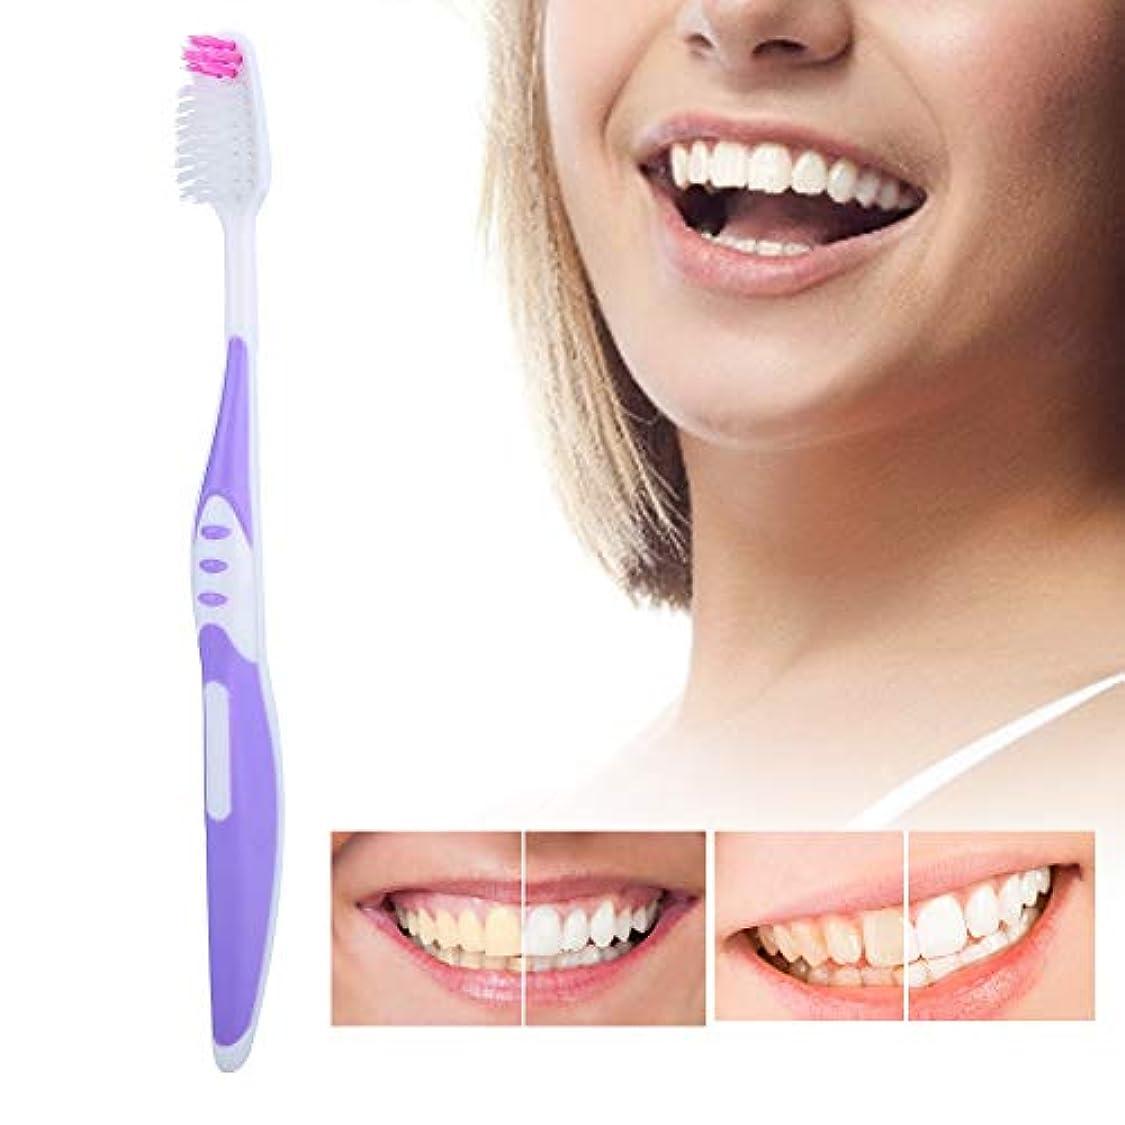 取り消す追記ぼろソフトブラシ髪の歯ブラシ10個入りpp滑り止めハンドル歯のクレンジングブラシ用大人パープル